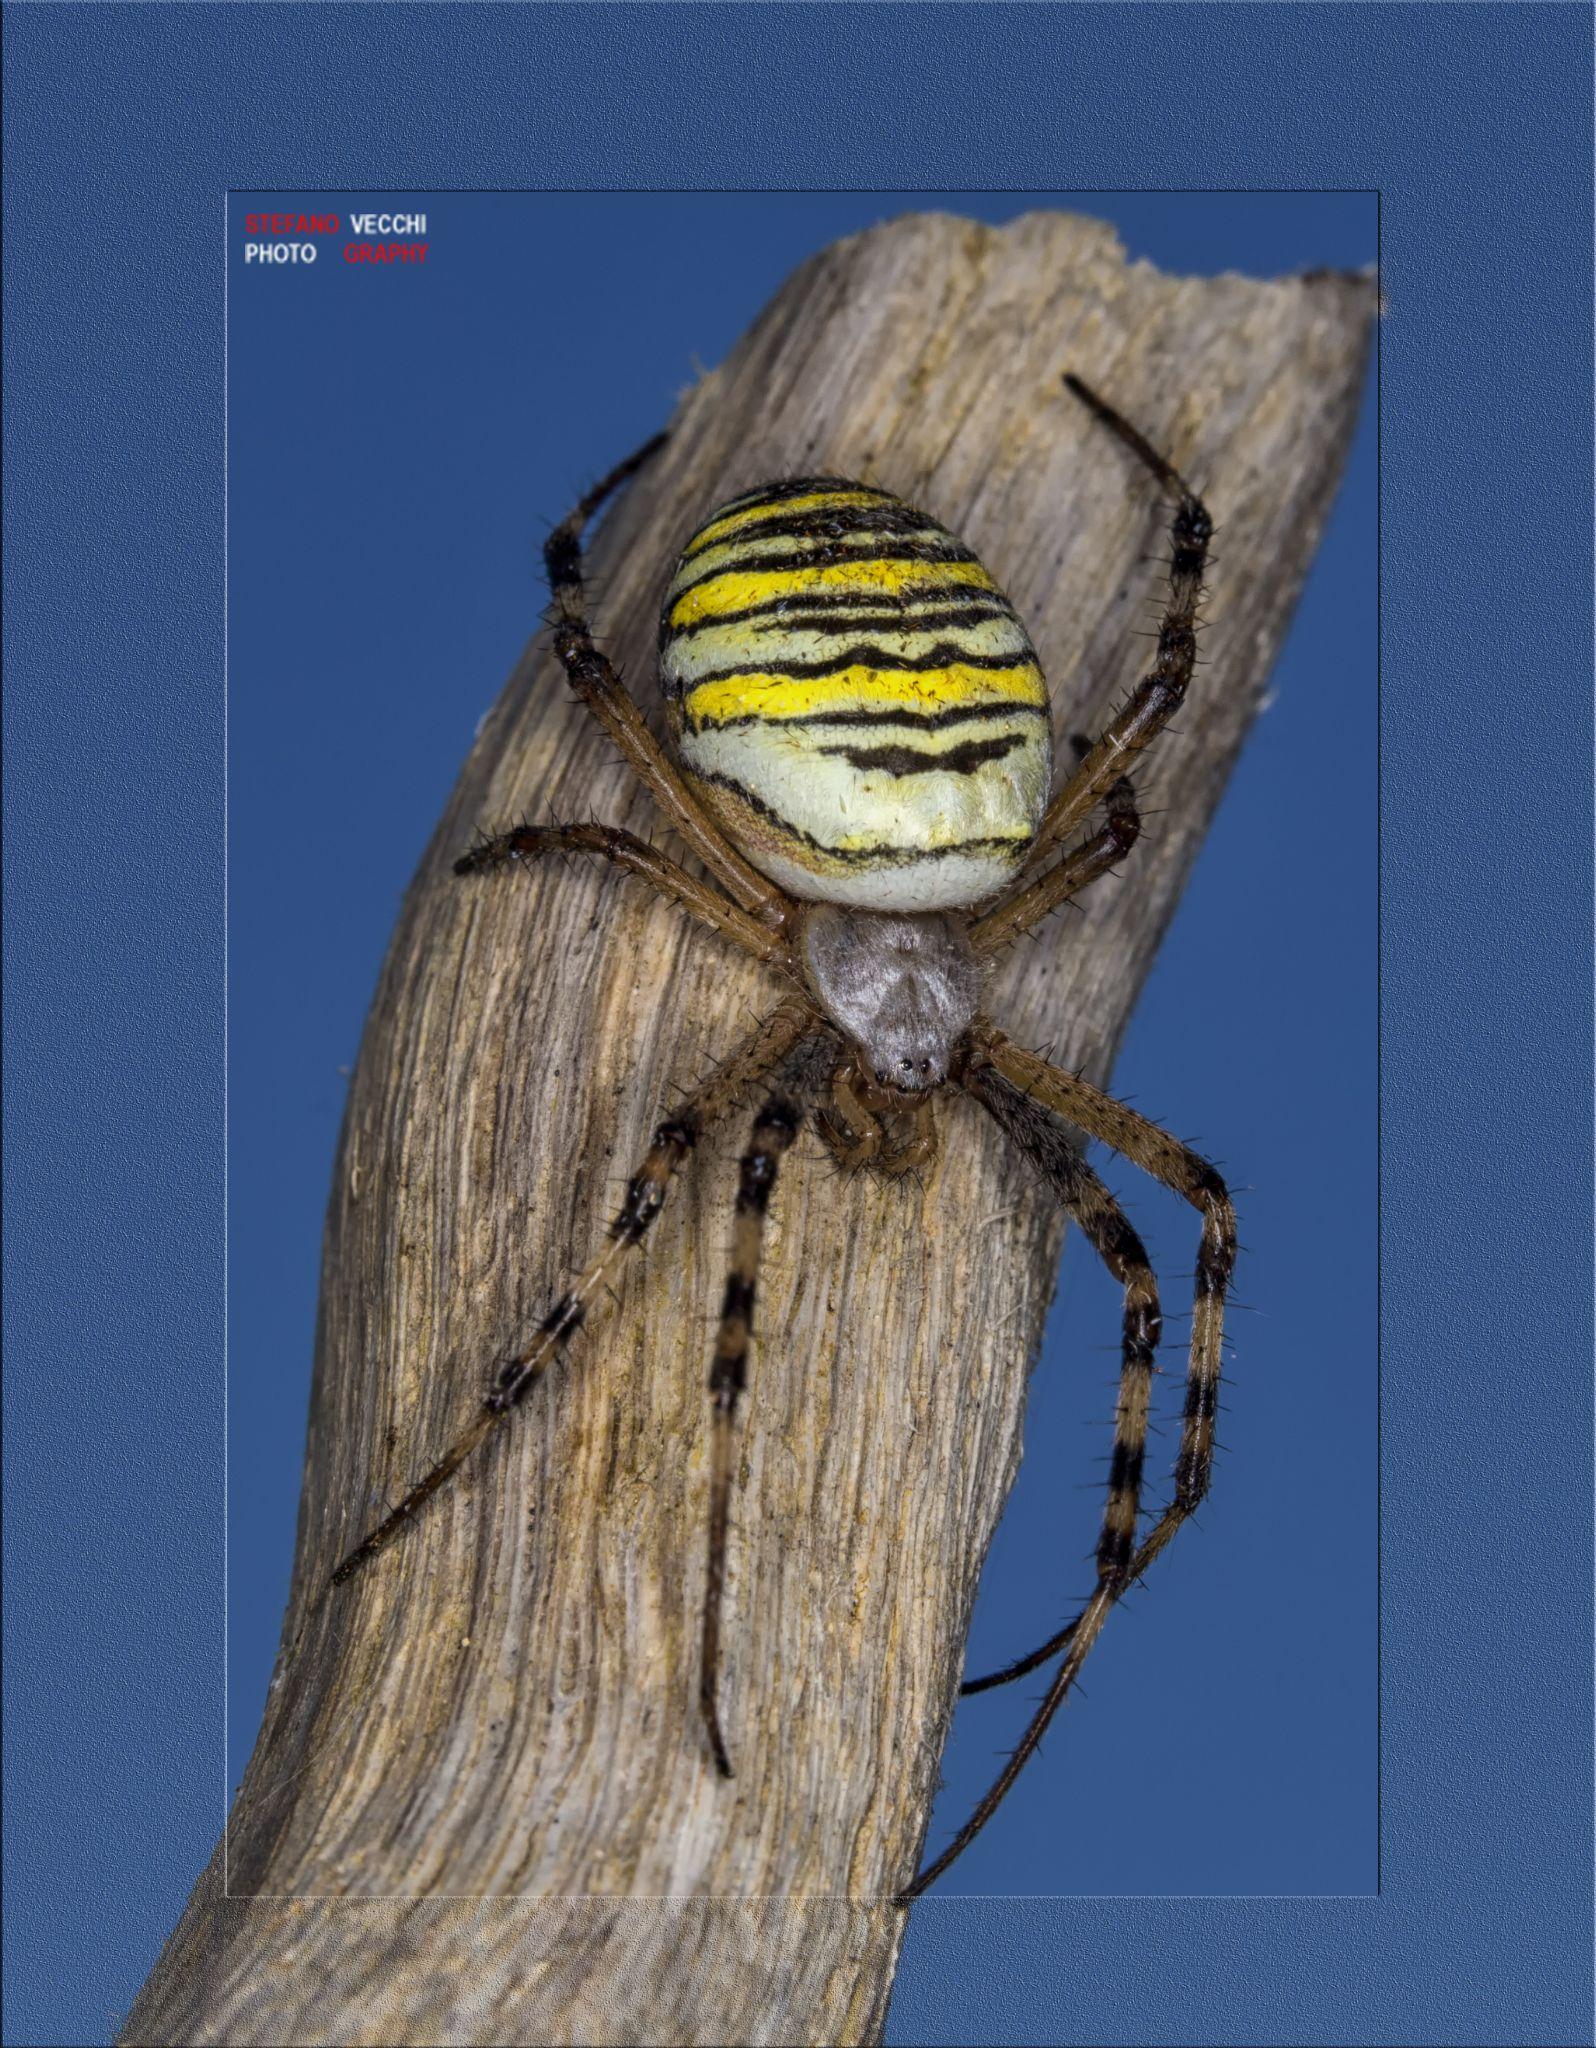 Ragno vespa by stefano.vecchi.395